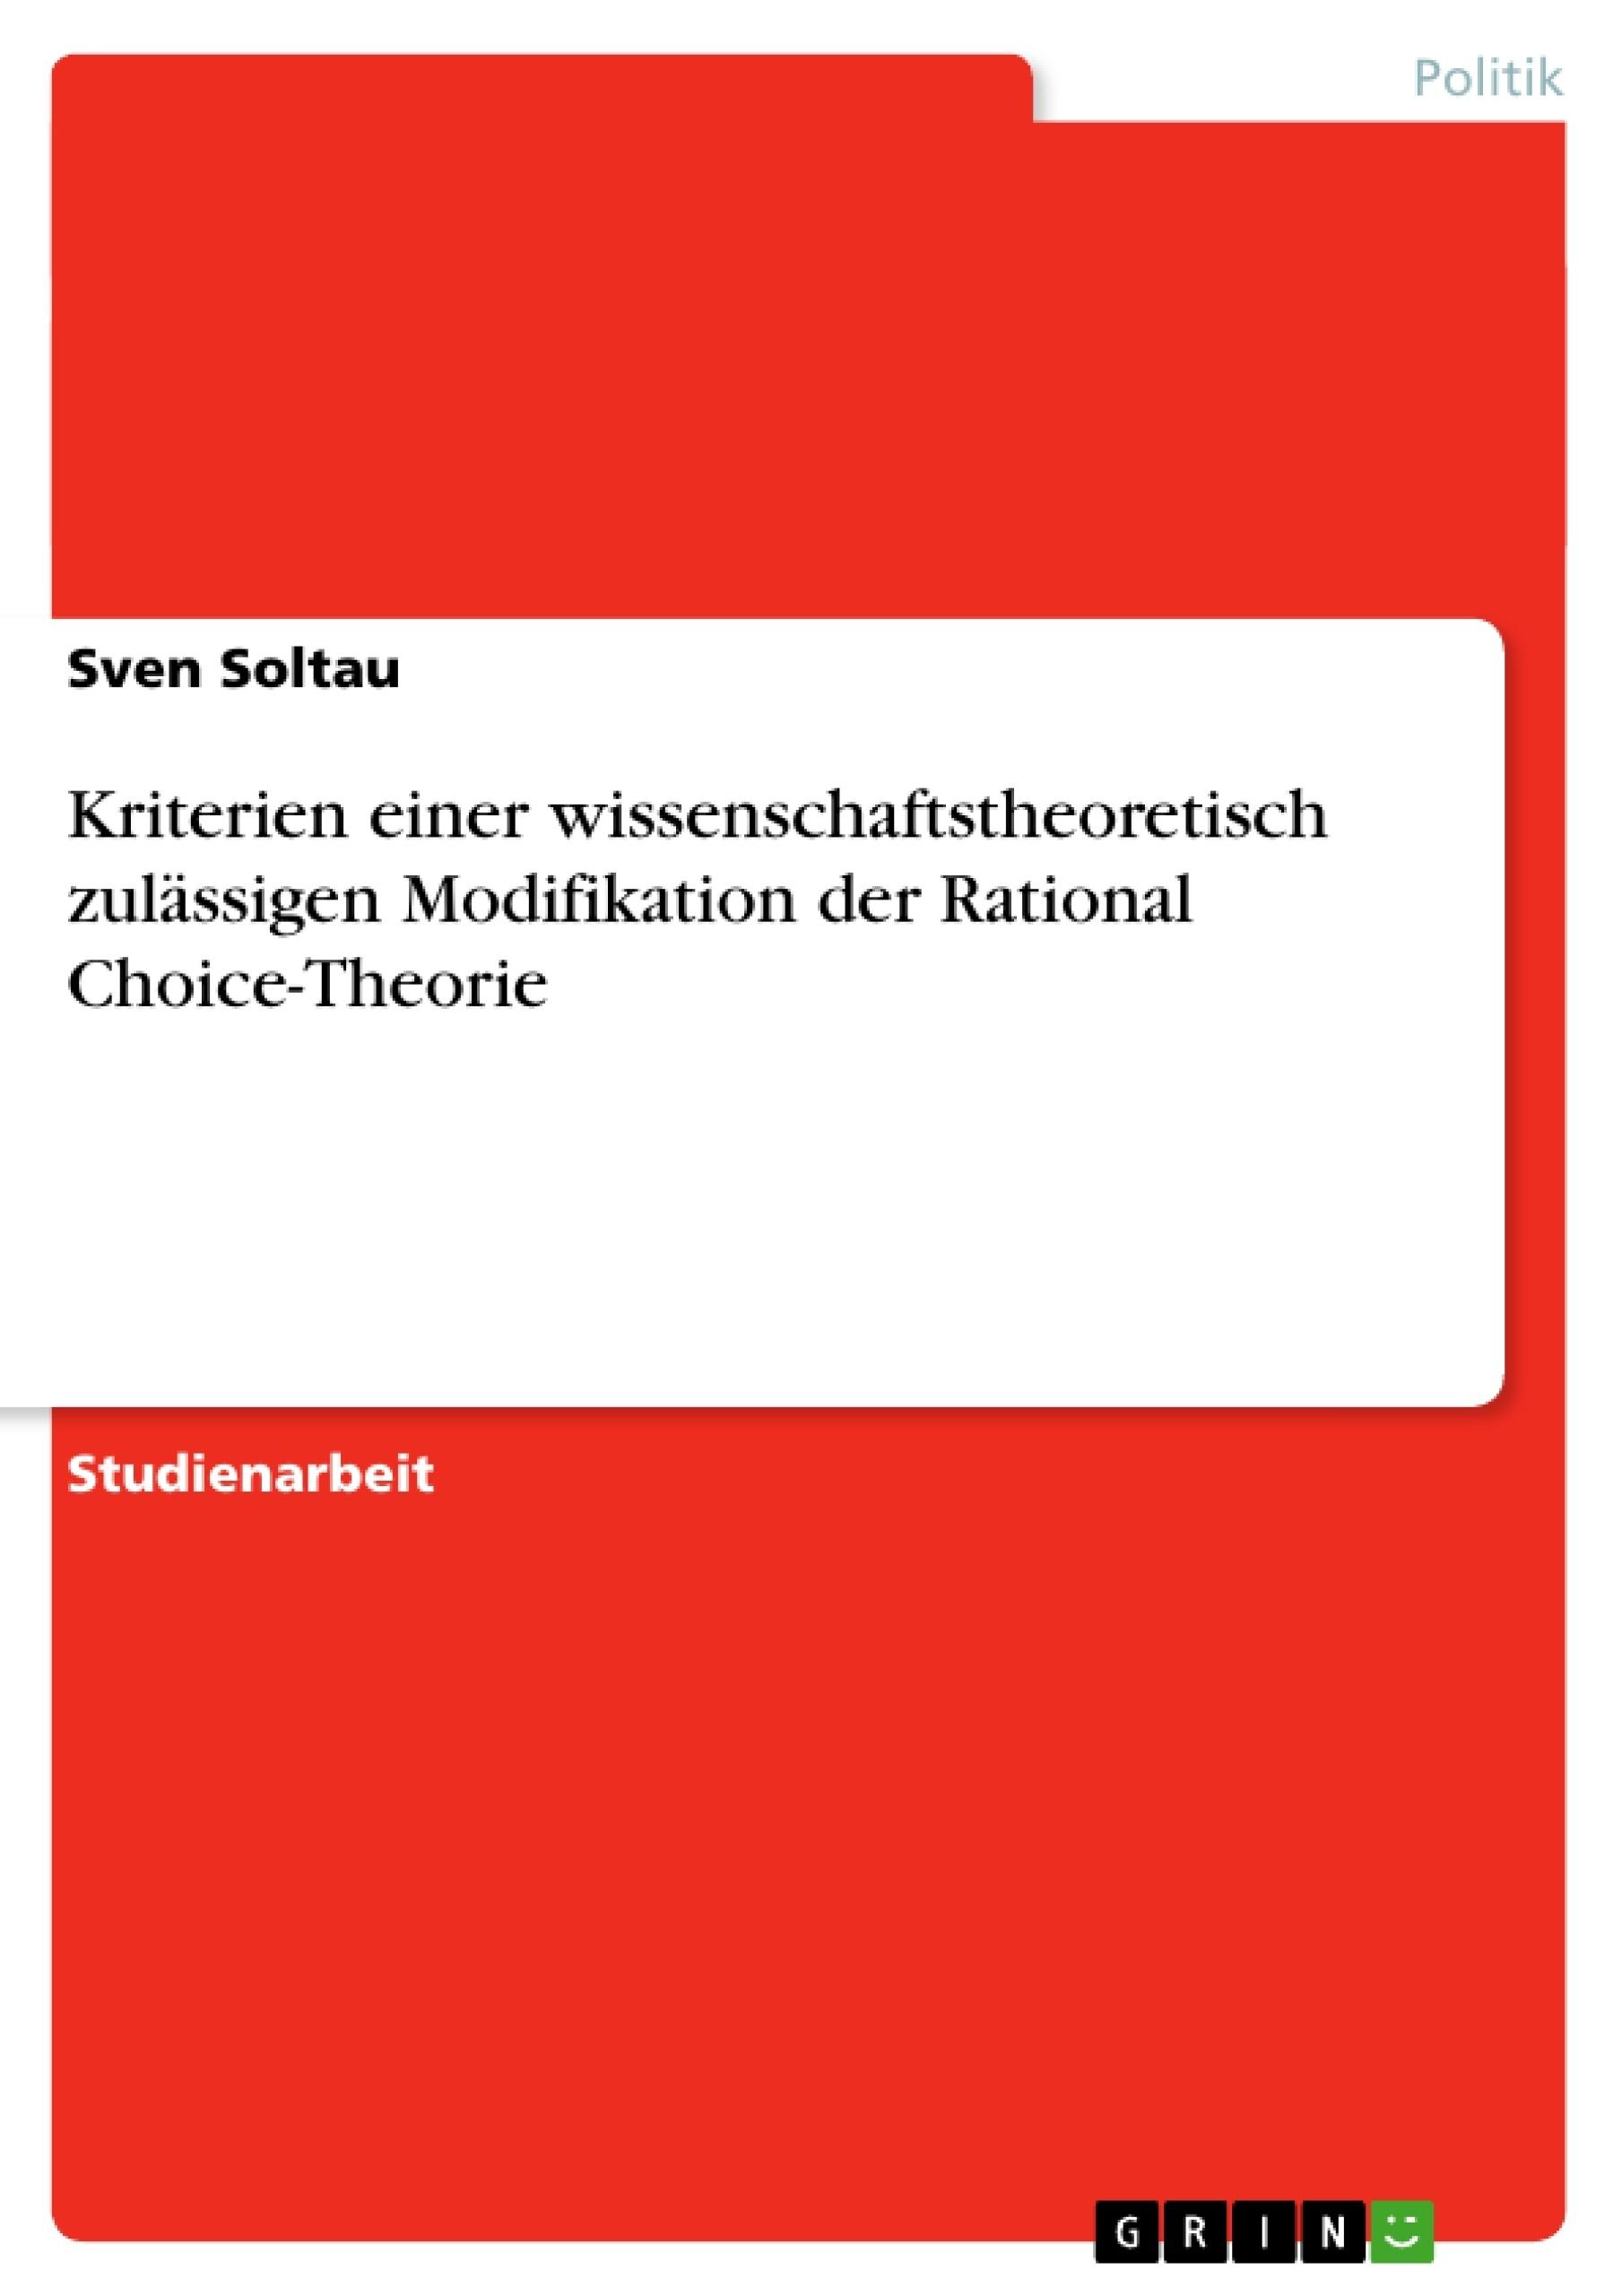 Titel: Kriterien einer wissenschaftstheoretisch zulässigen Modifikation der Rational Choice-Theorie